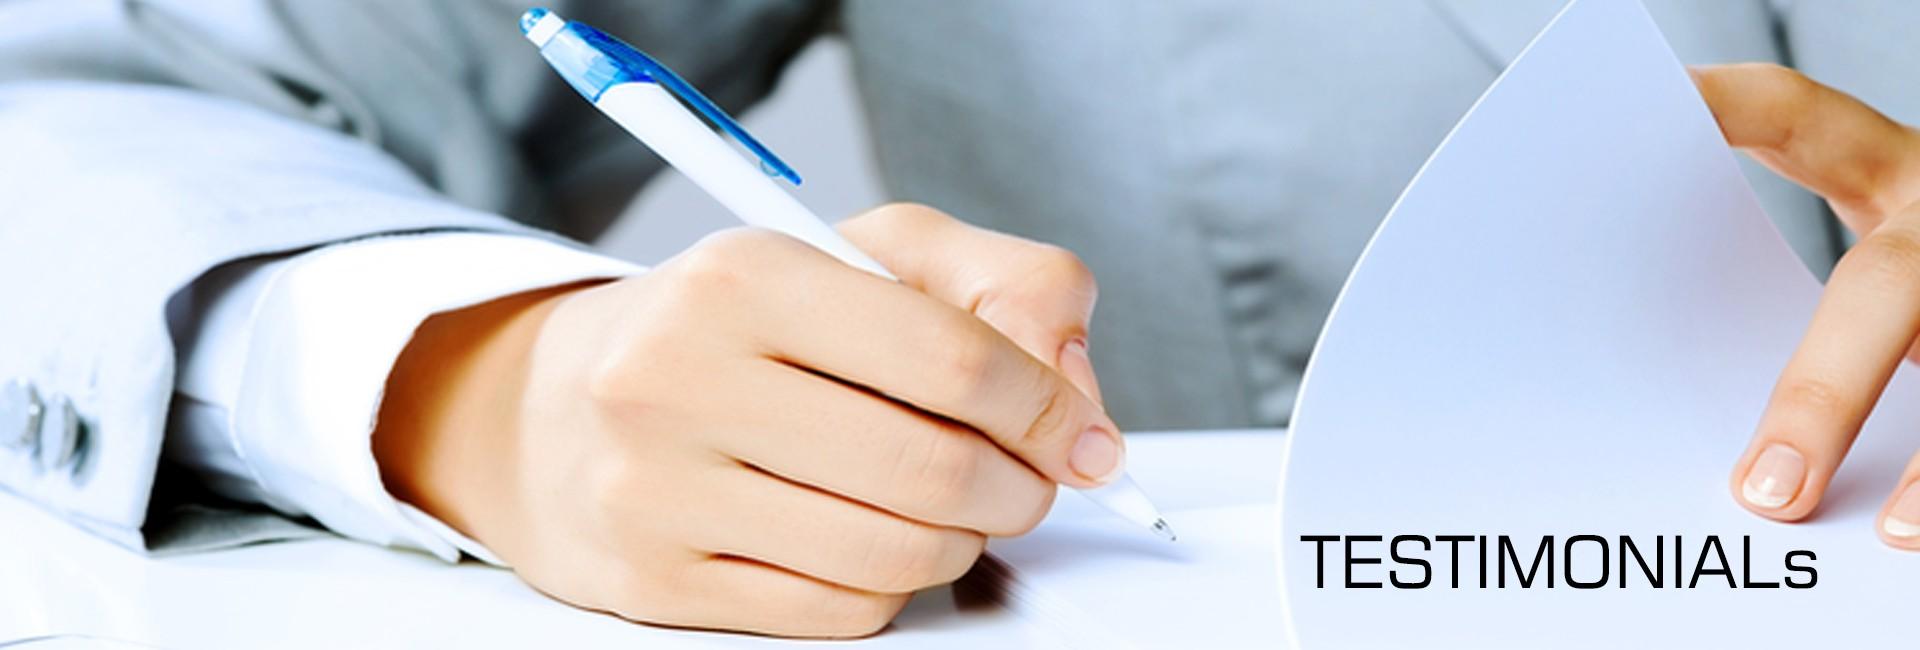 Clients List – M  R  I  CHOWDHURY & ASSOCIATES